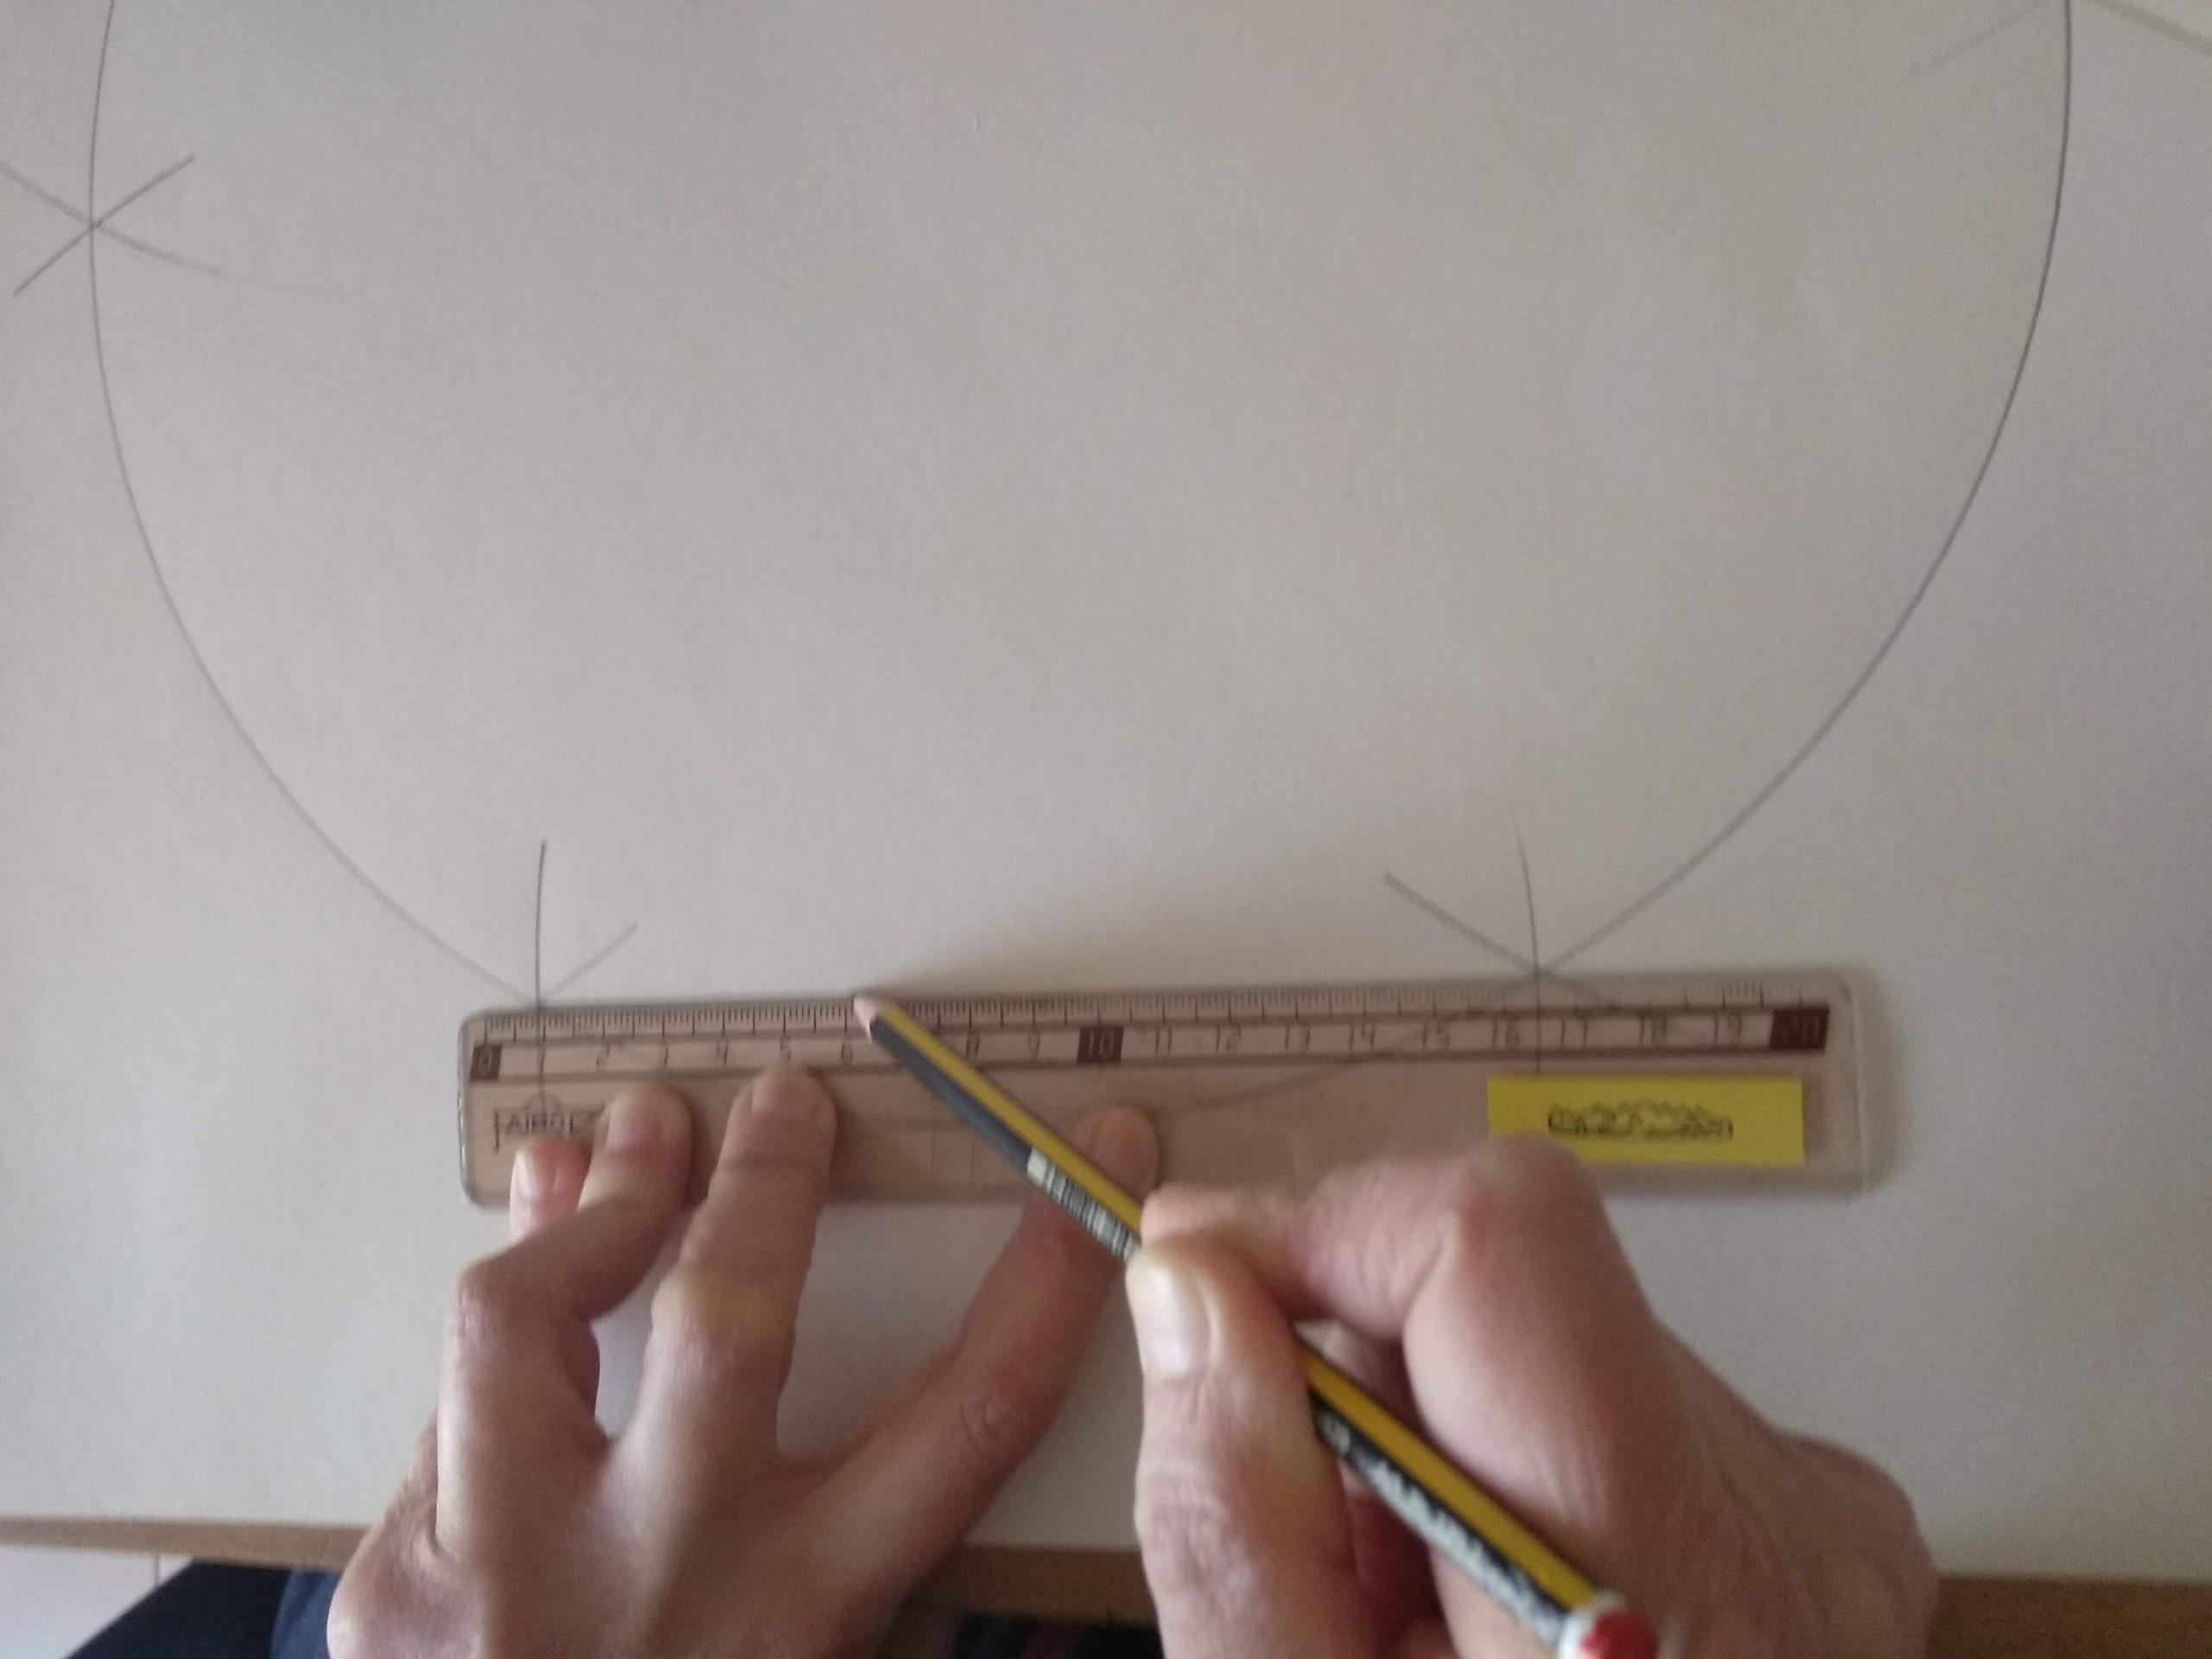 Uniendo las marcas con lápiz y regla para obtener un hexágono